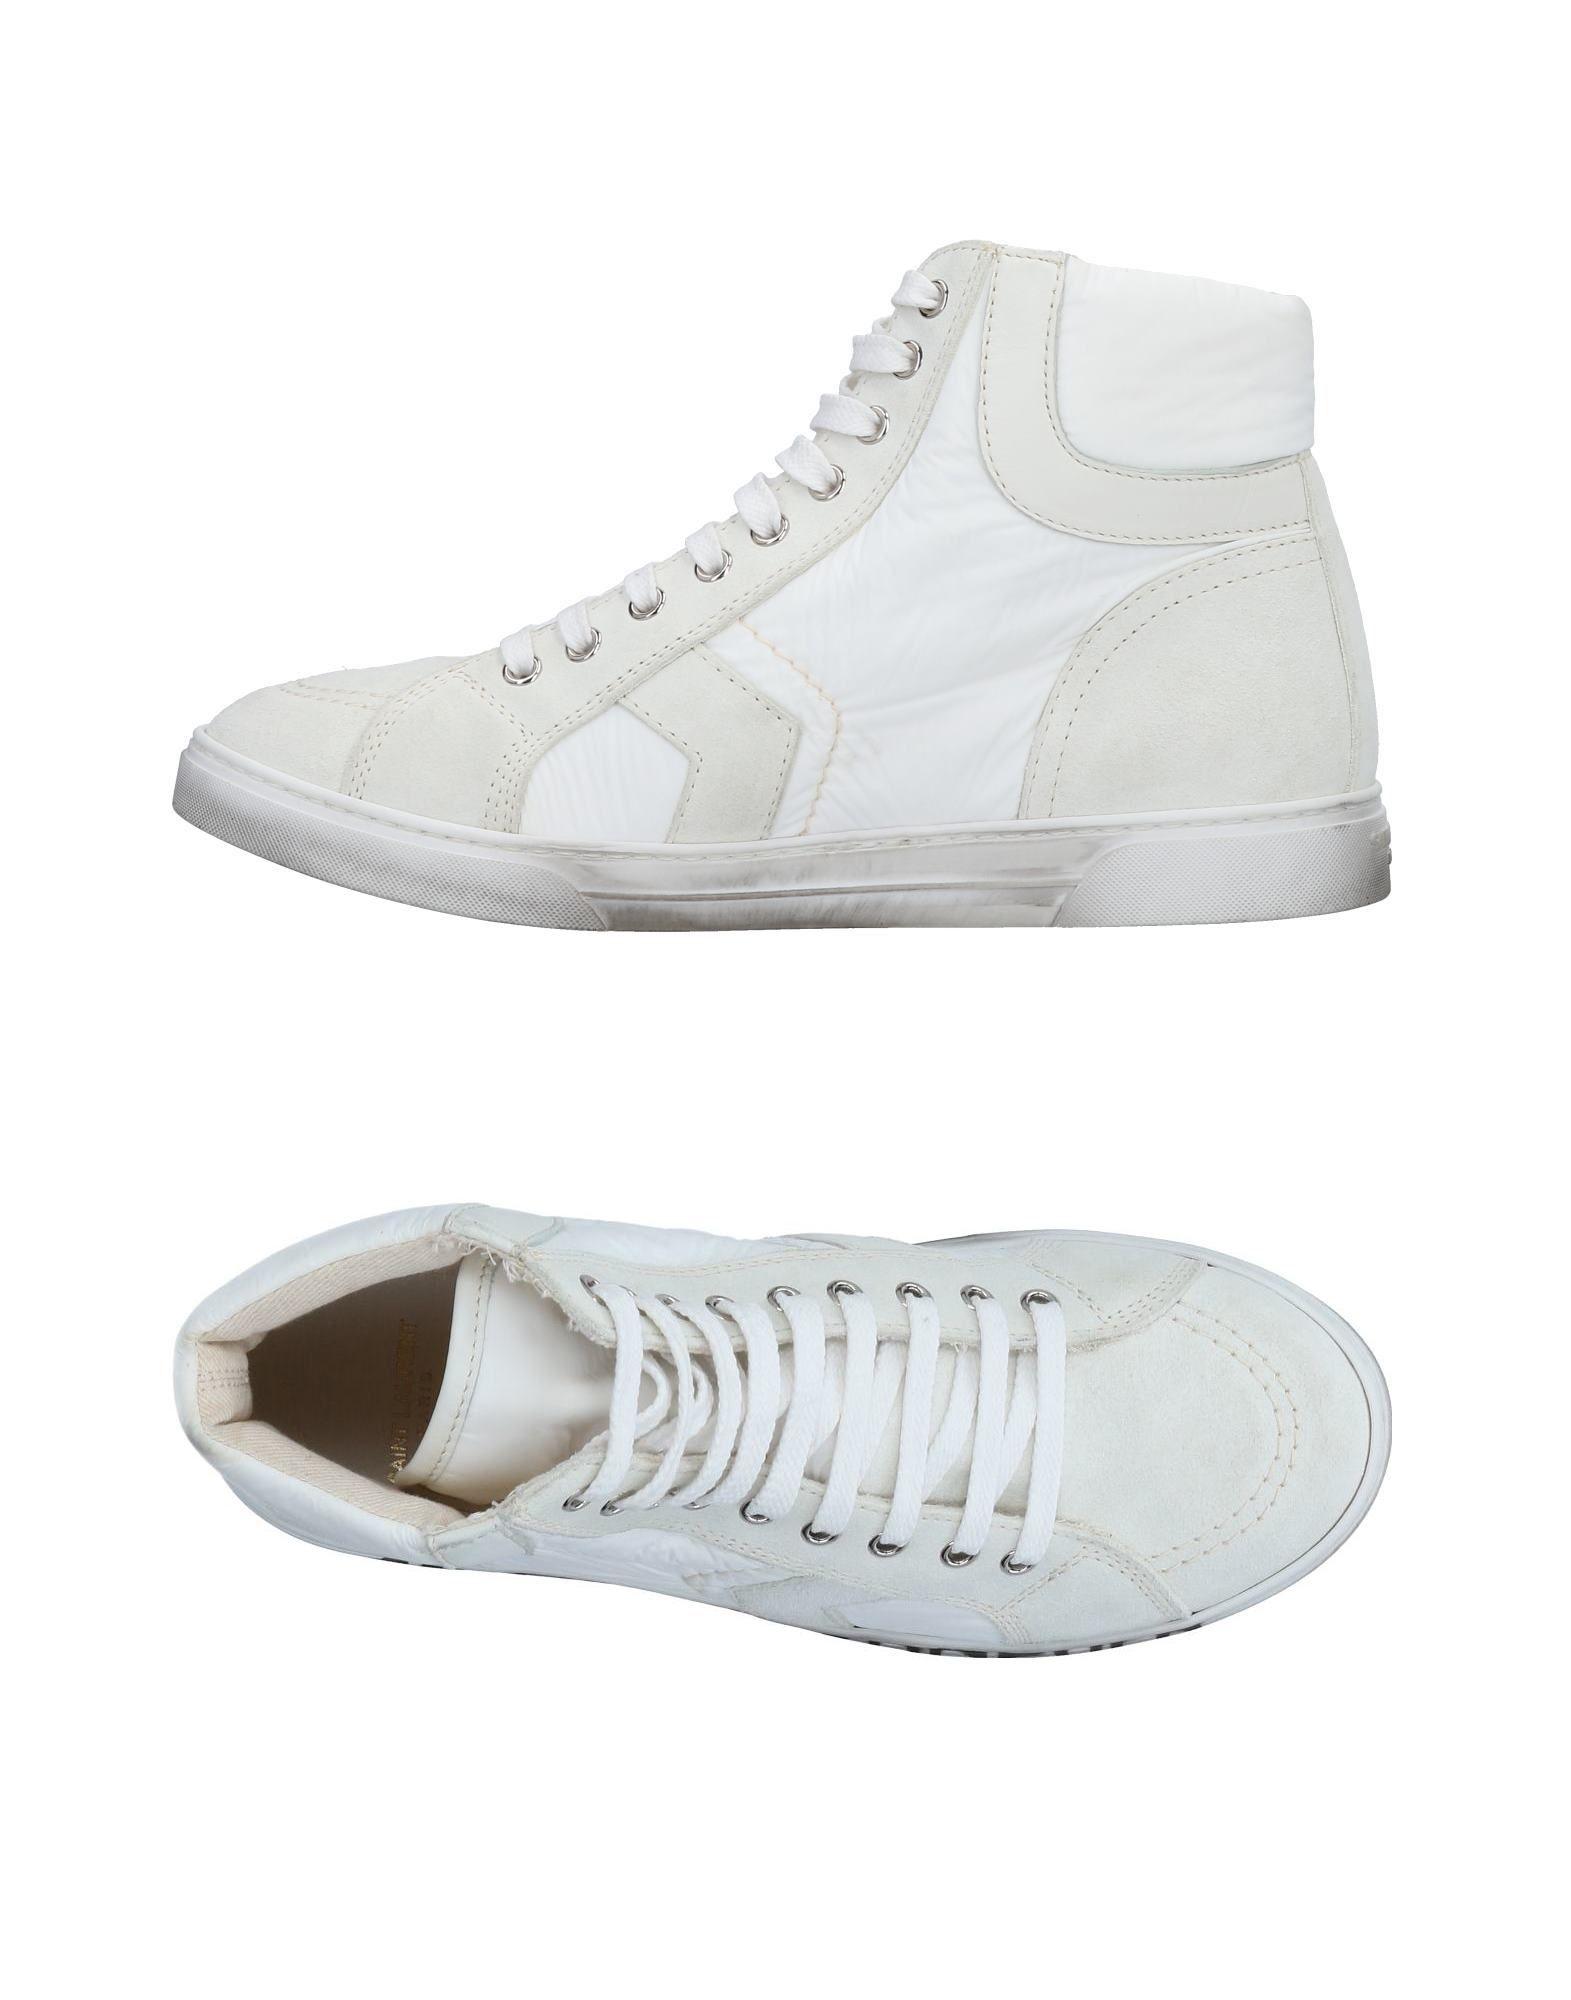 Saint Laurent Gute Sneakers Herren  11475743GR Gute Laurent Qualität beliebte Schuhe dfb5c0